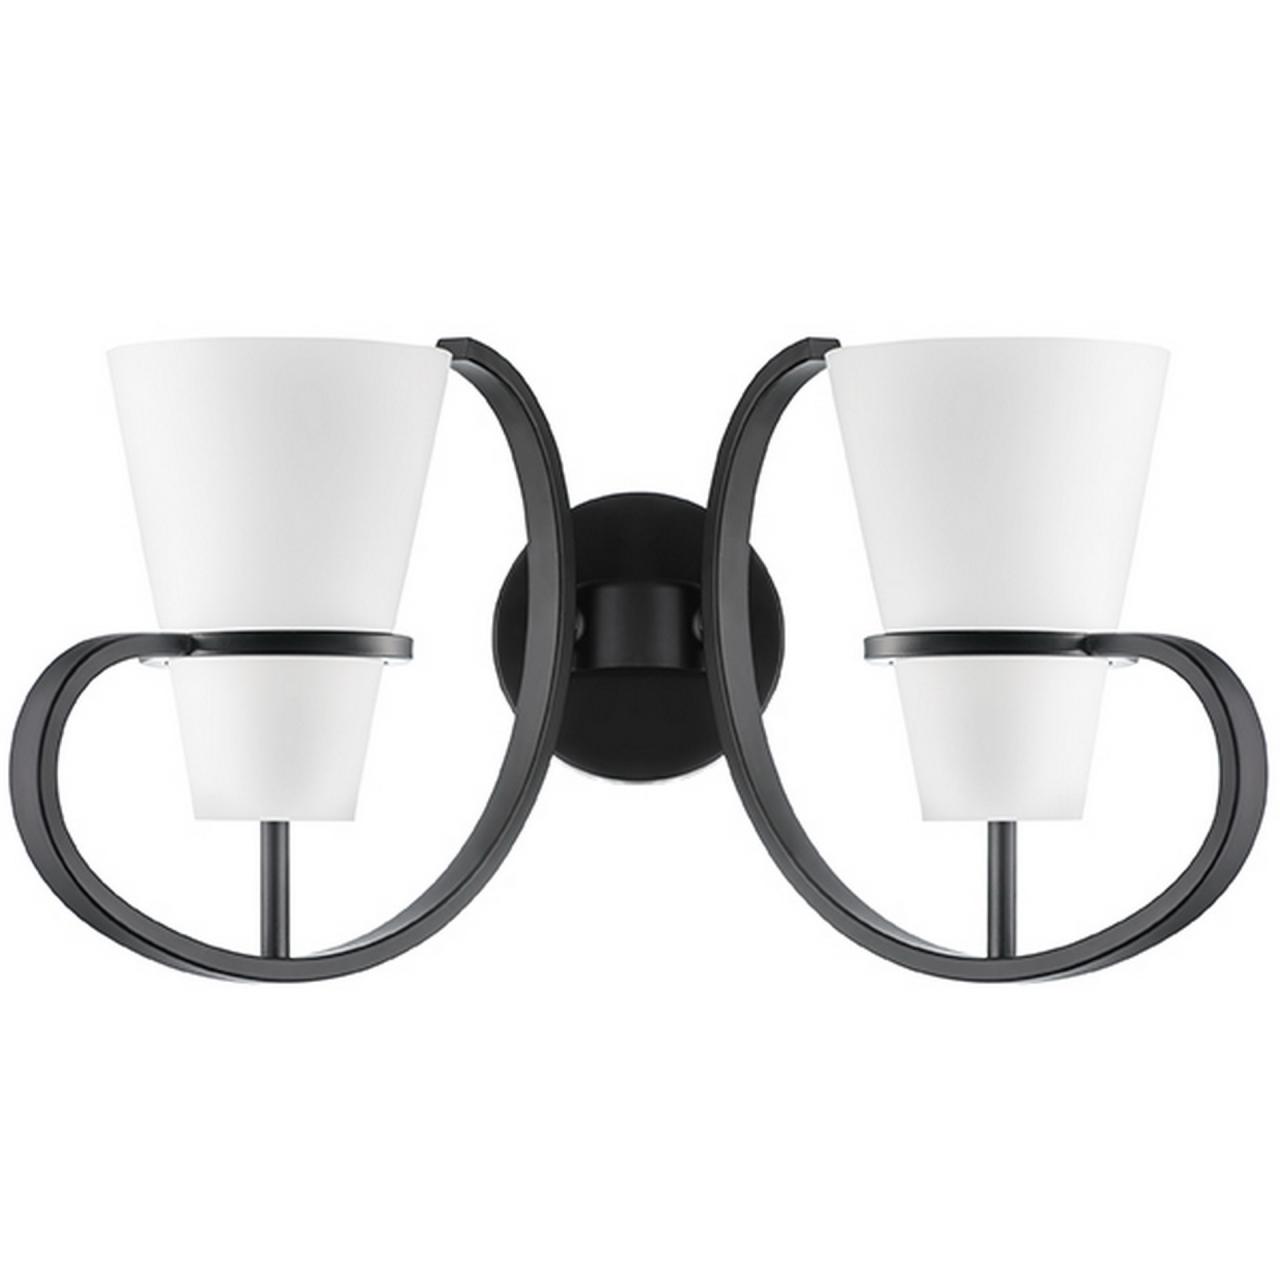 Бра FIACOLLA LightStar 733627 цвет - черный/белый